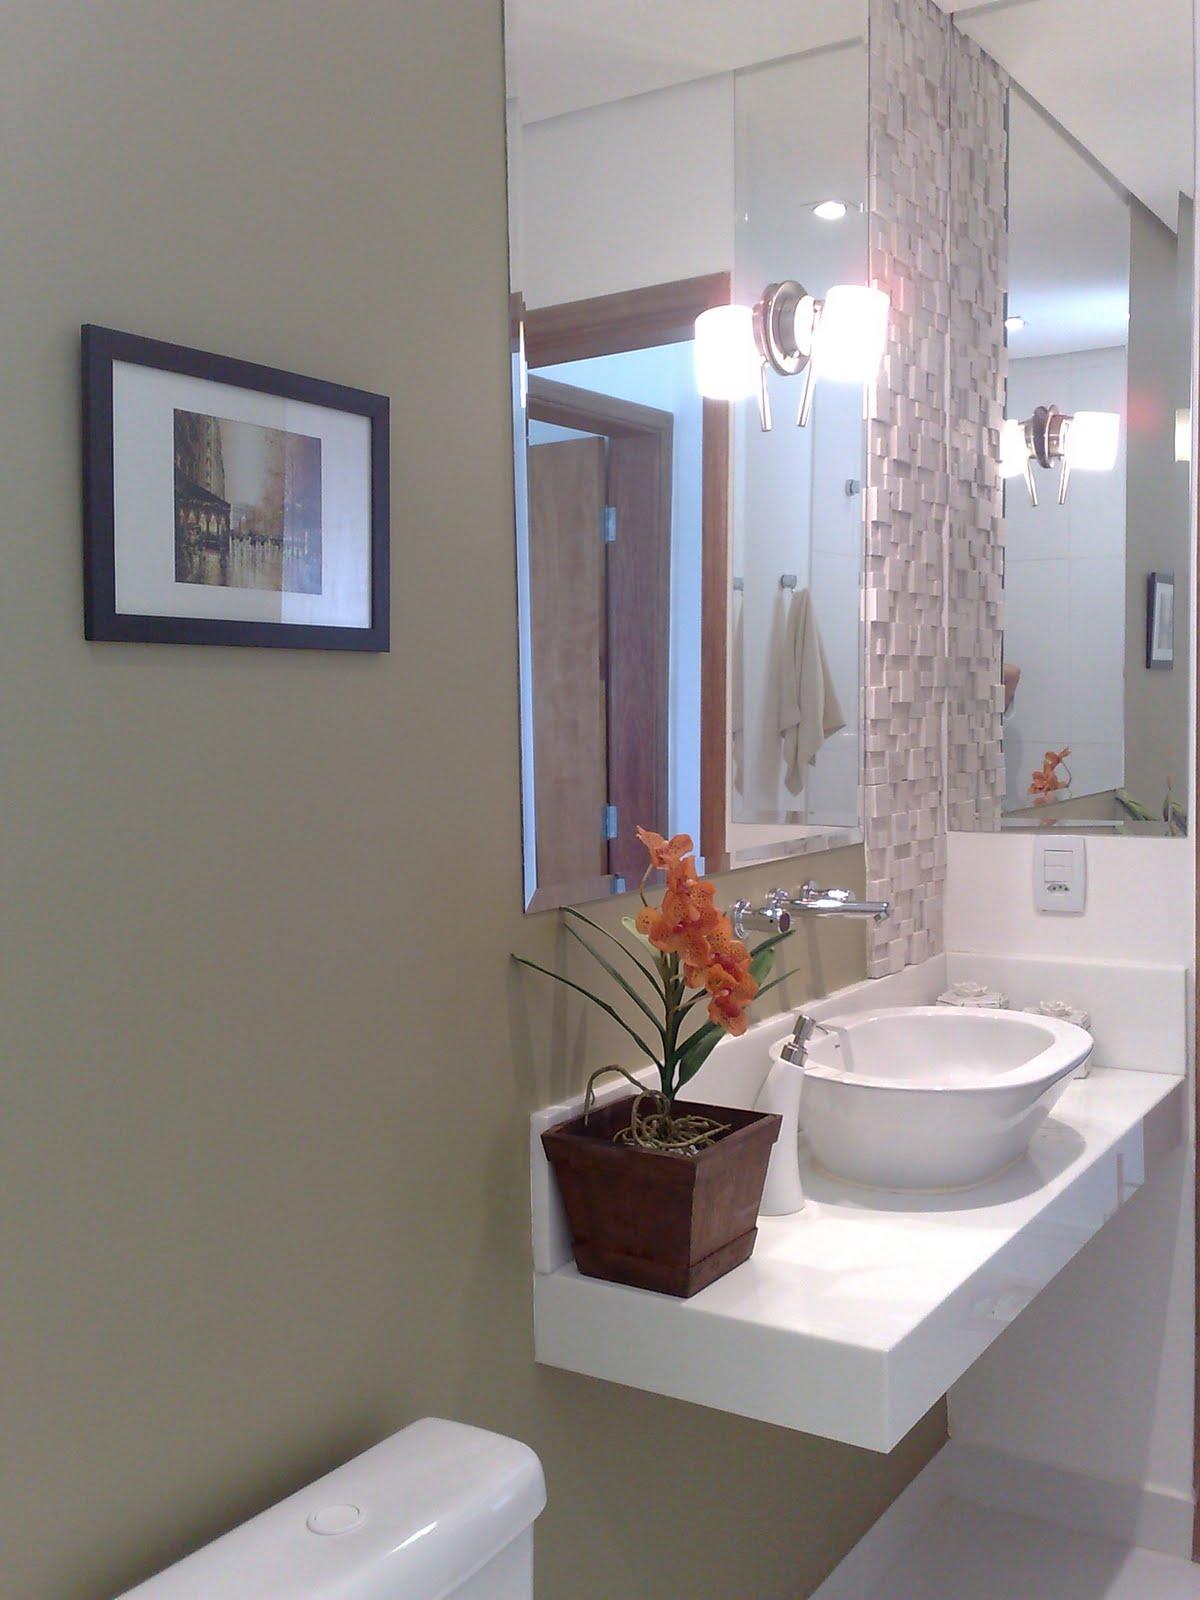 As bancadas dos meus banheiros serão em granito ou mármore ? #3A5C91 1200x1600 Bancada Banheiro Saia